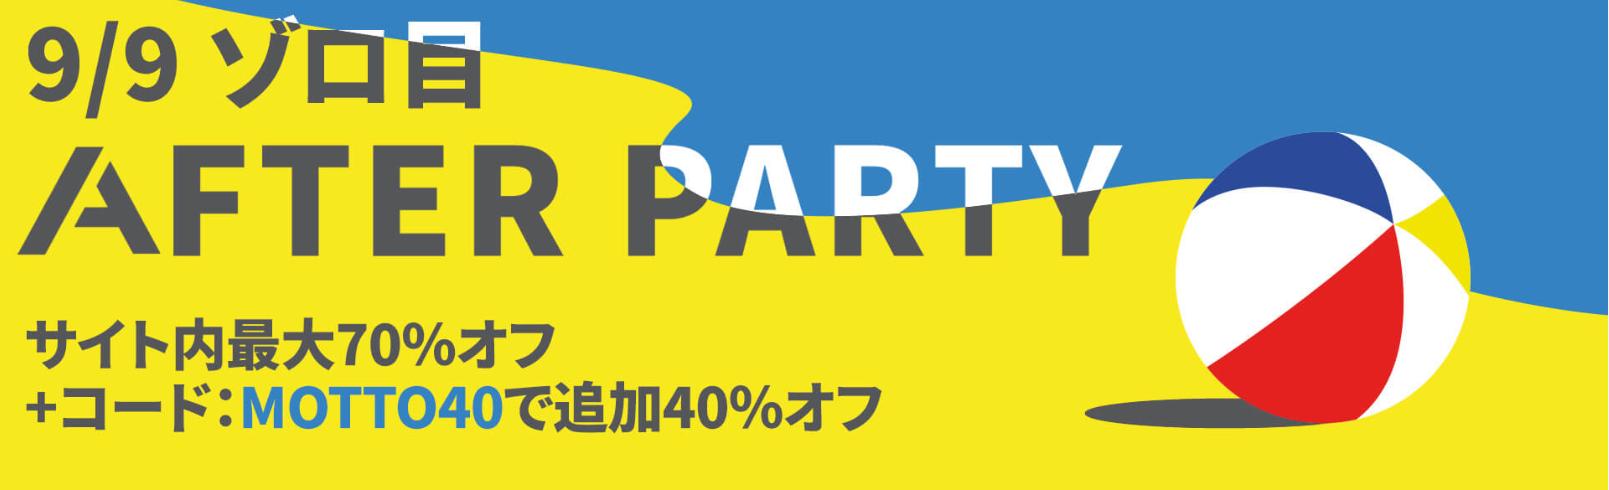 ゾロ目アフターパーティー